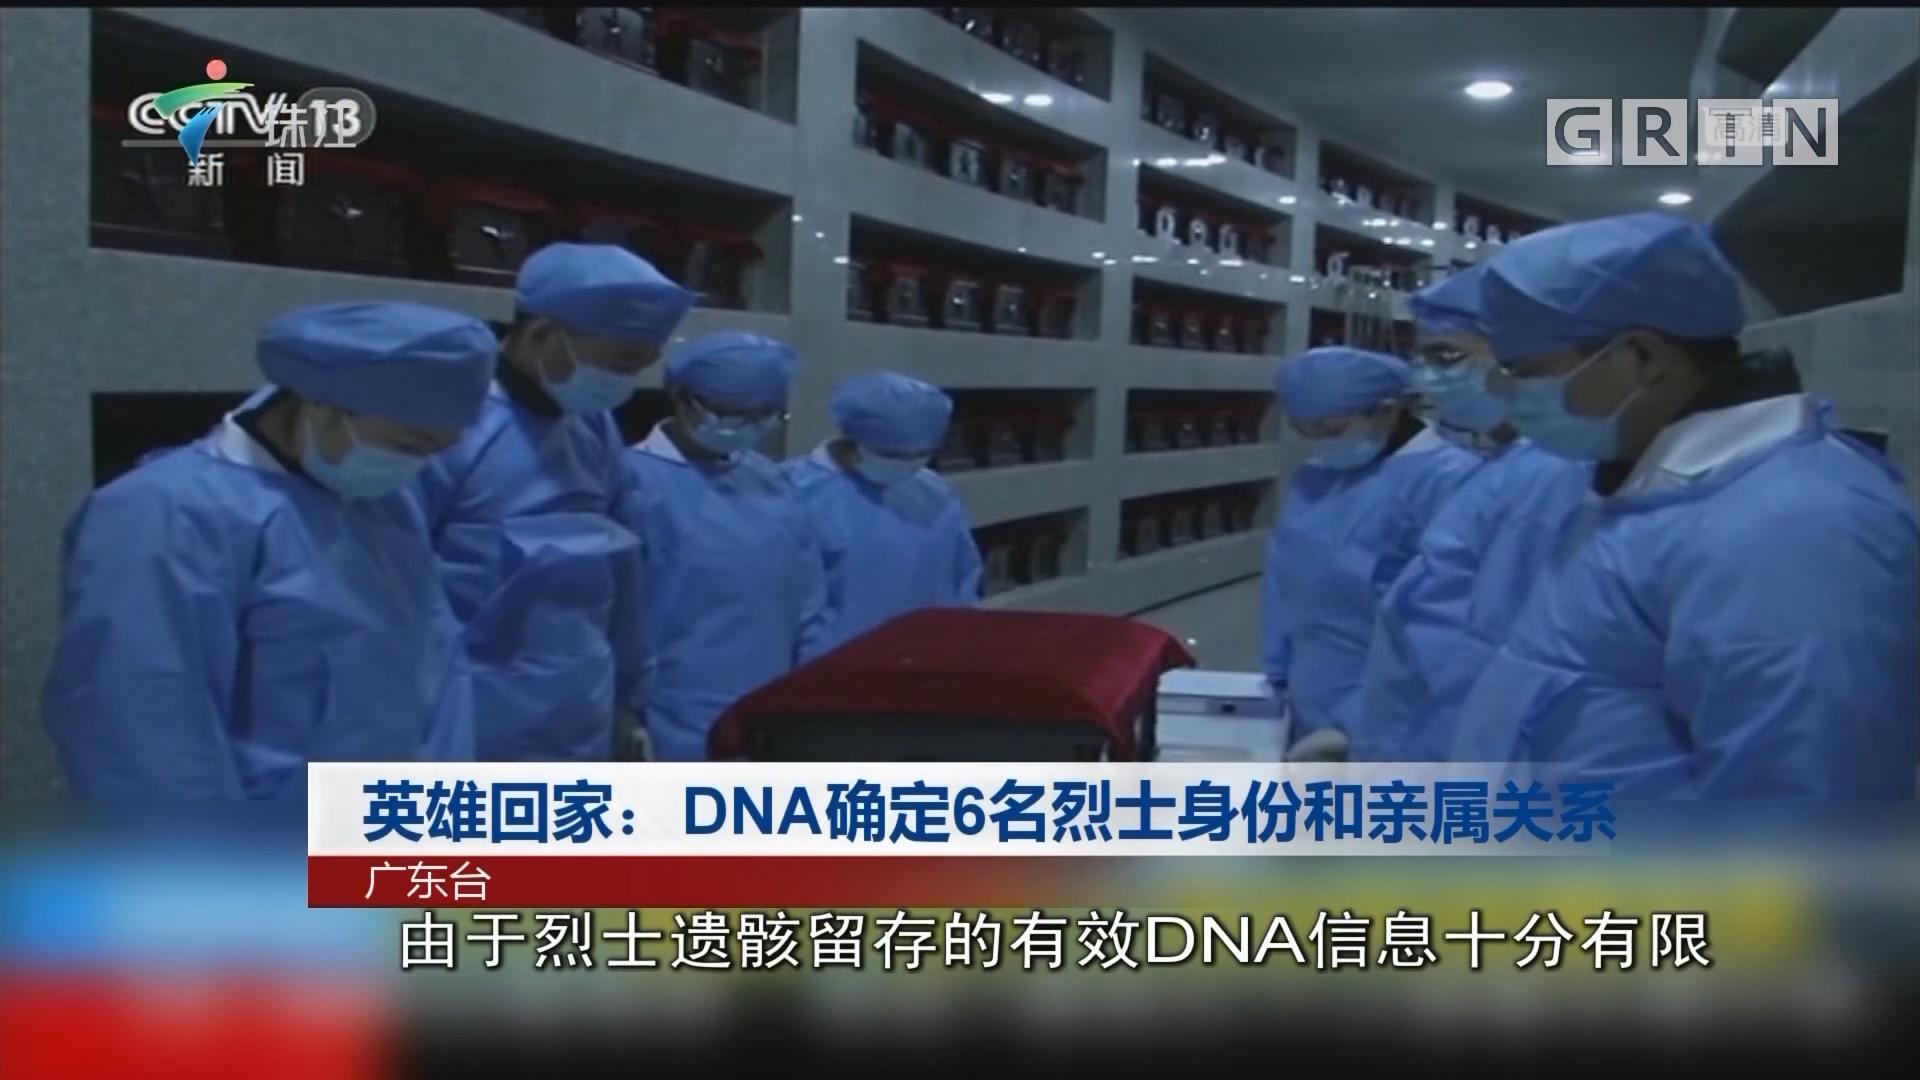 英雄回家:DNA確定6名烈士身份和親屬關系